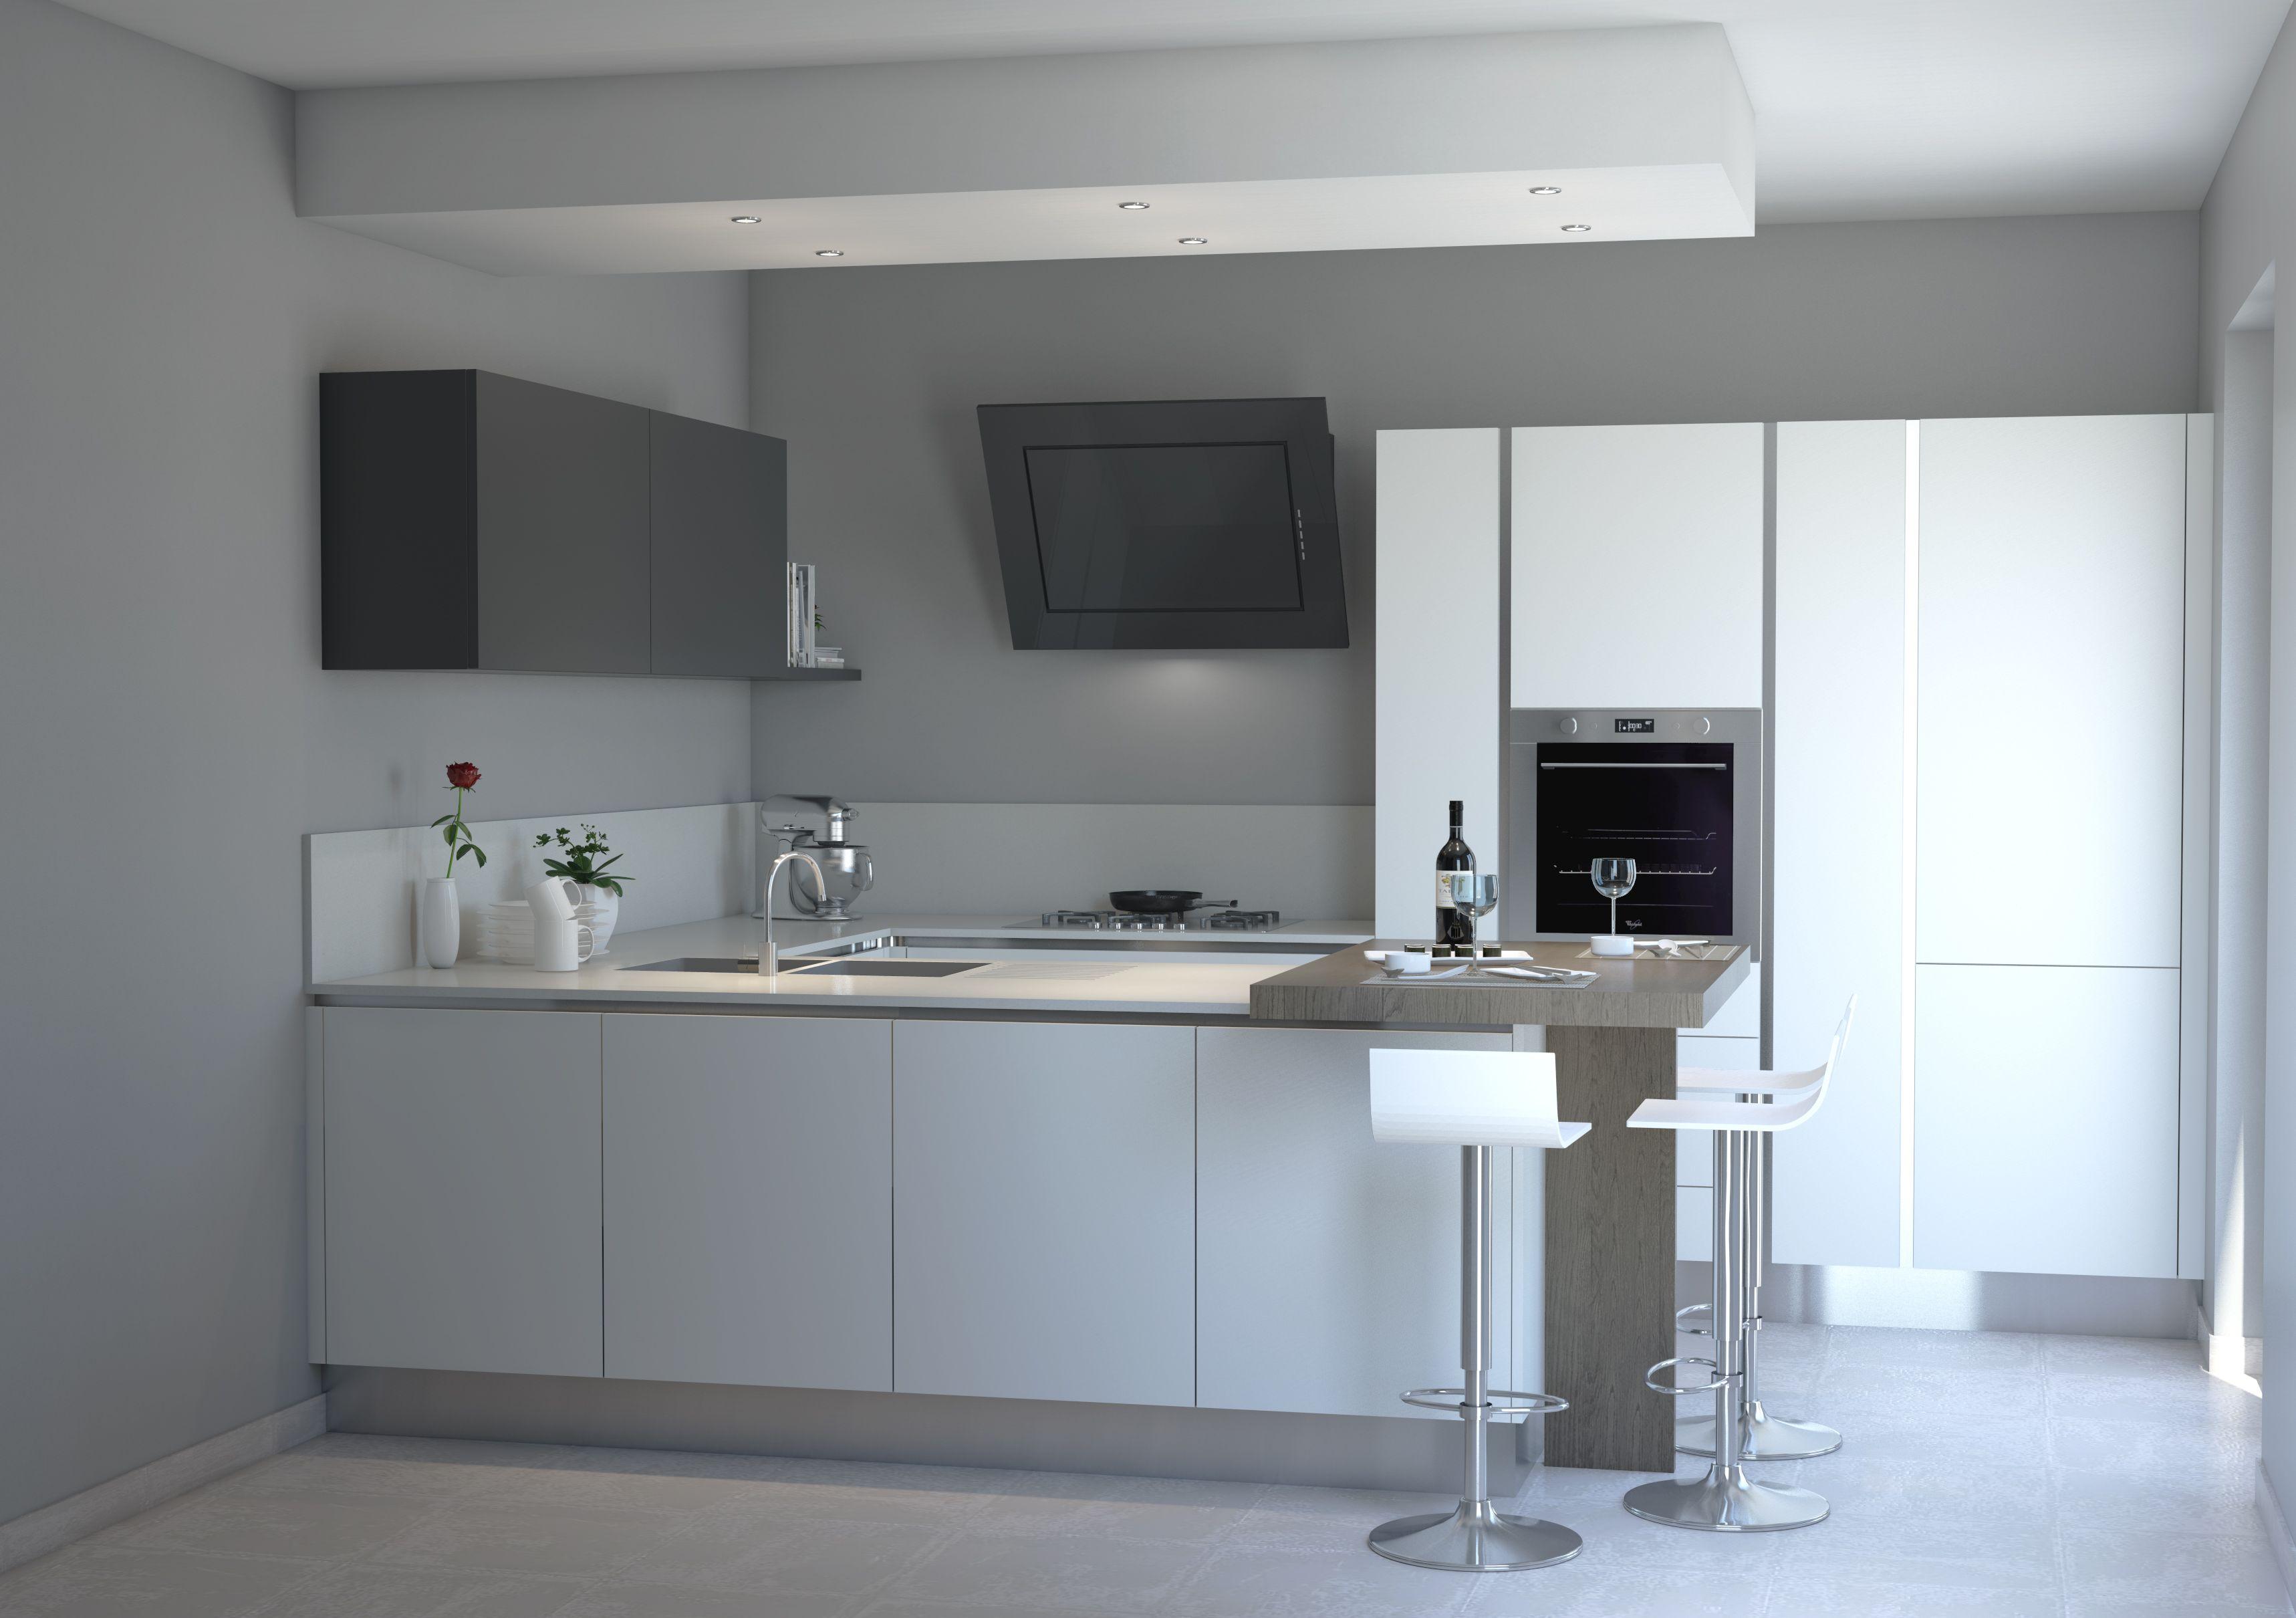 Beautifulkitchen progettazione angolo cucina by gruppo sereno mobili i love my bathroom - Mobili bagno angolo ...